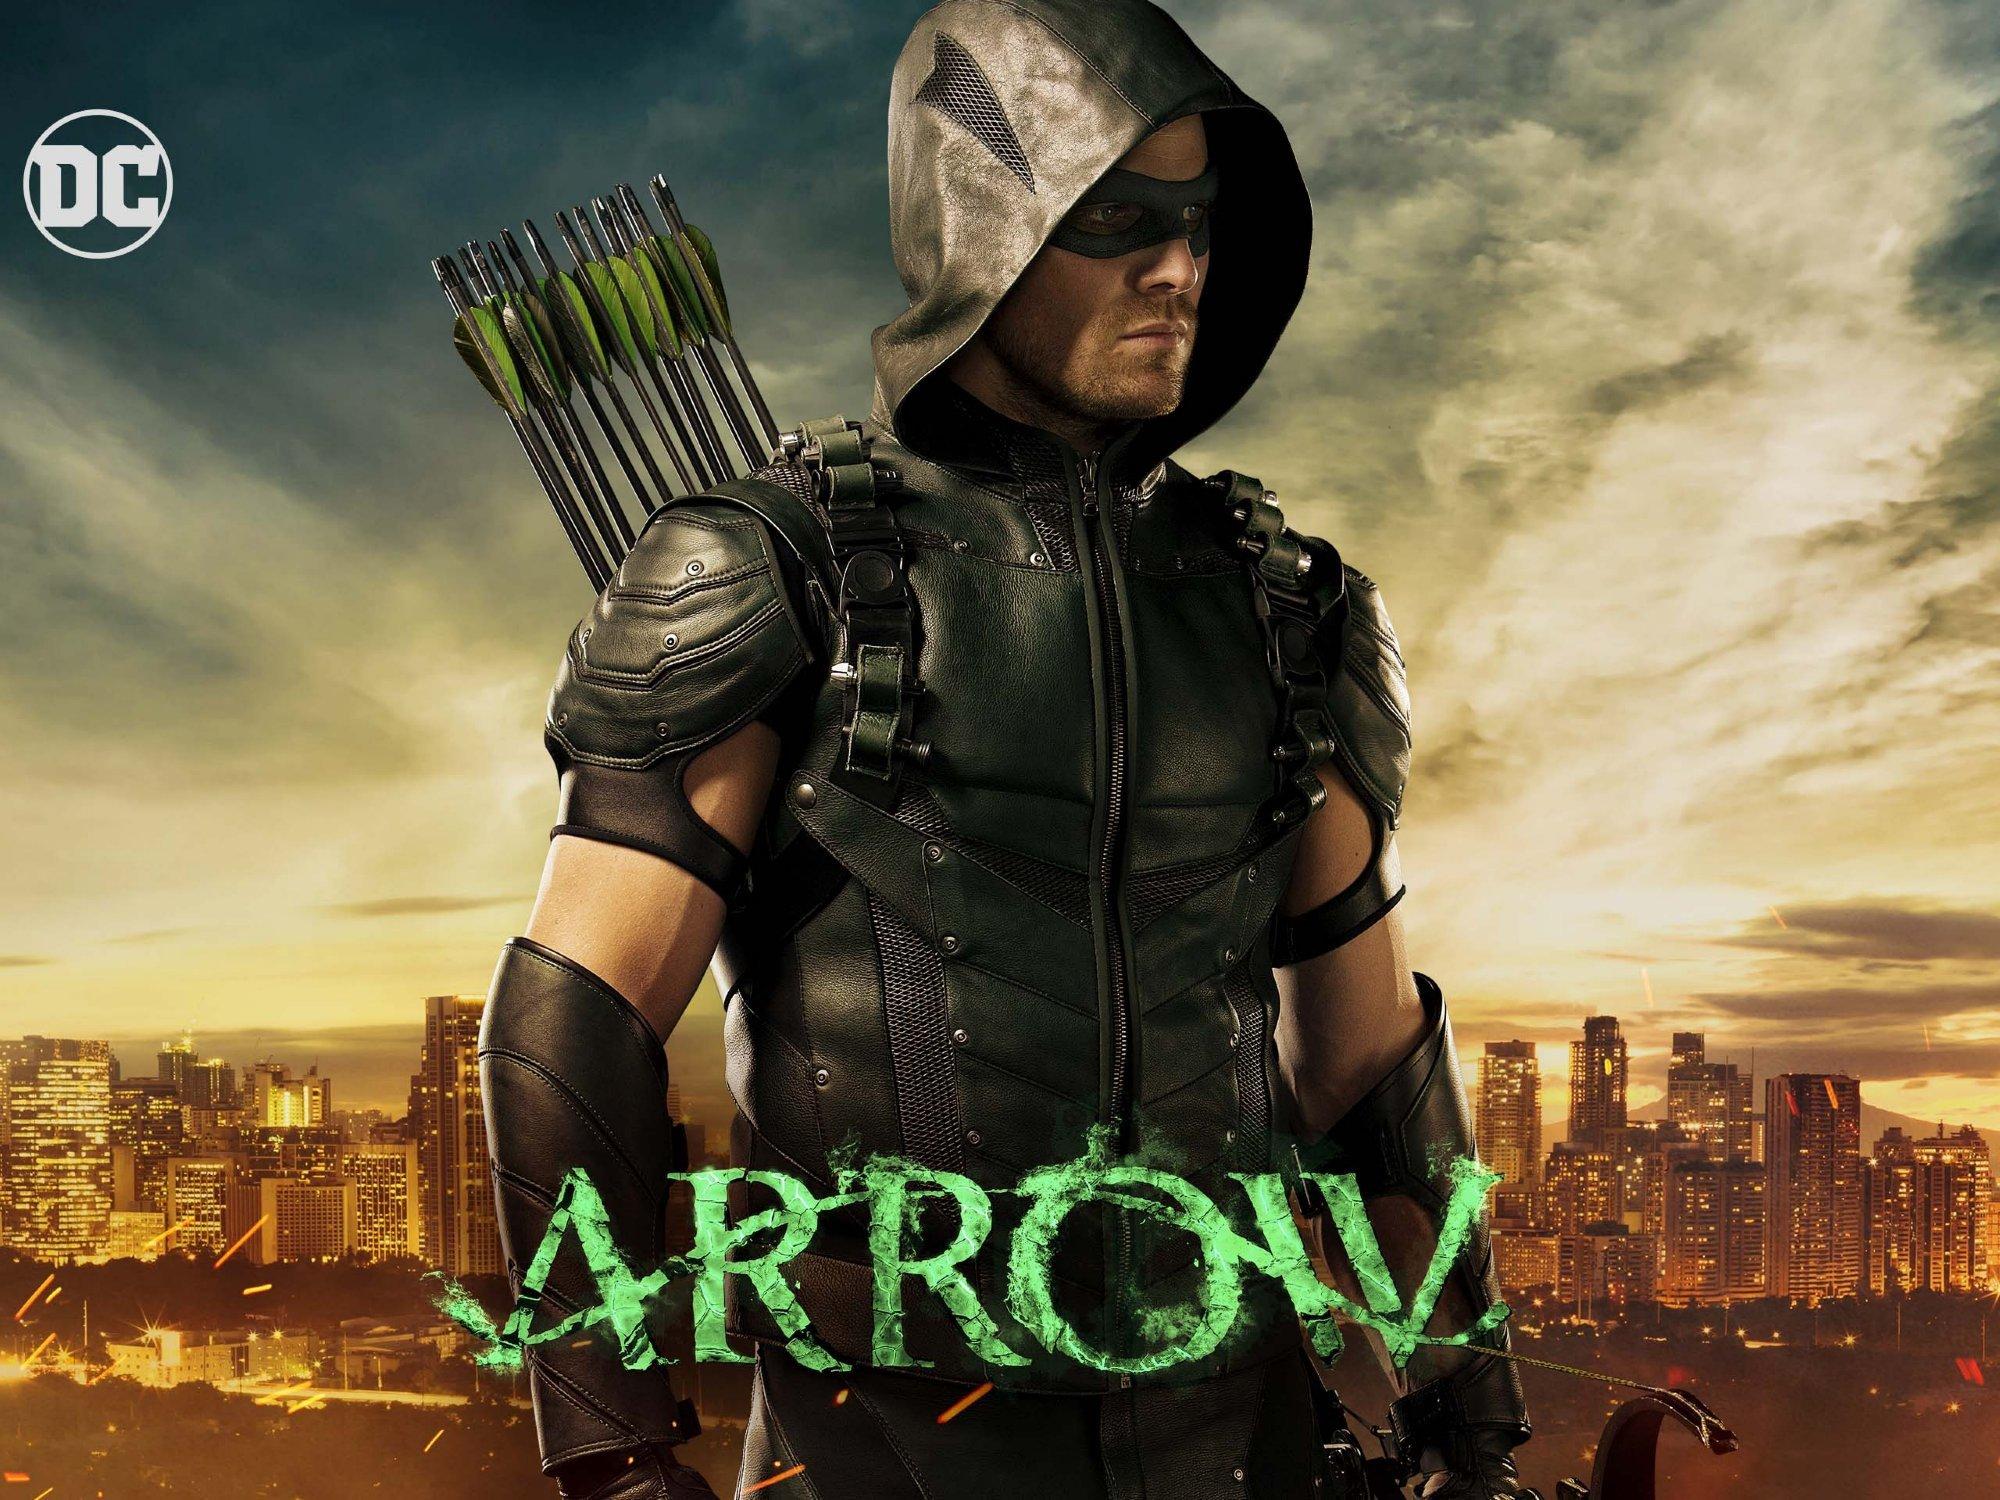 Arrow: Season 4 - Season 4